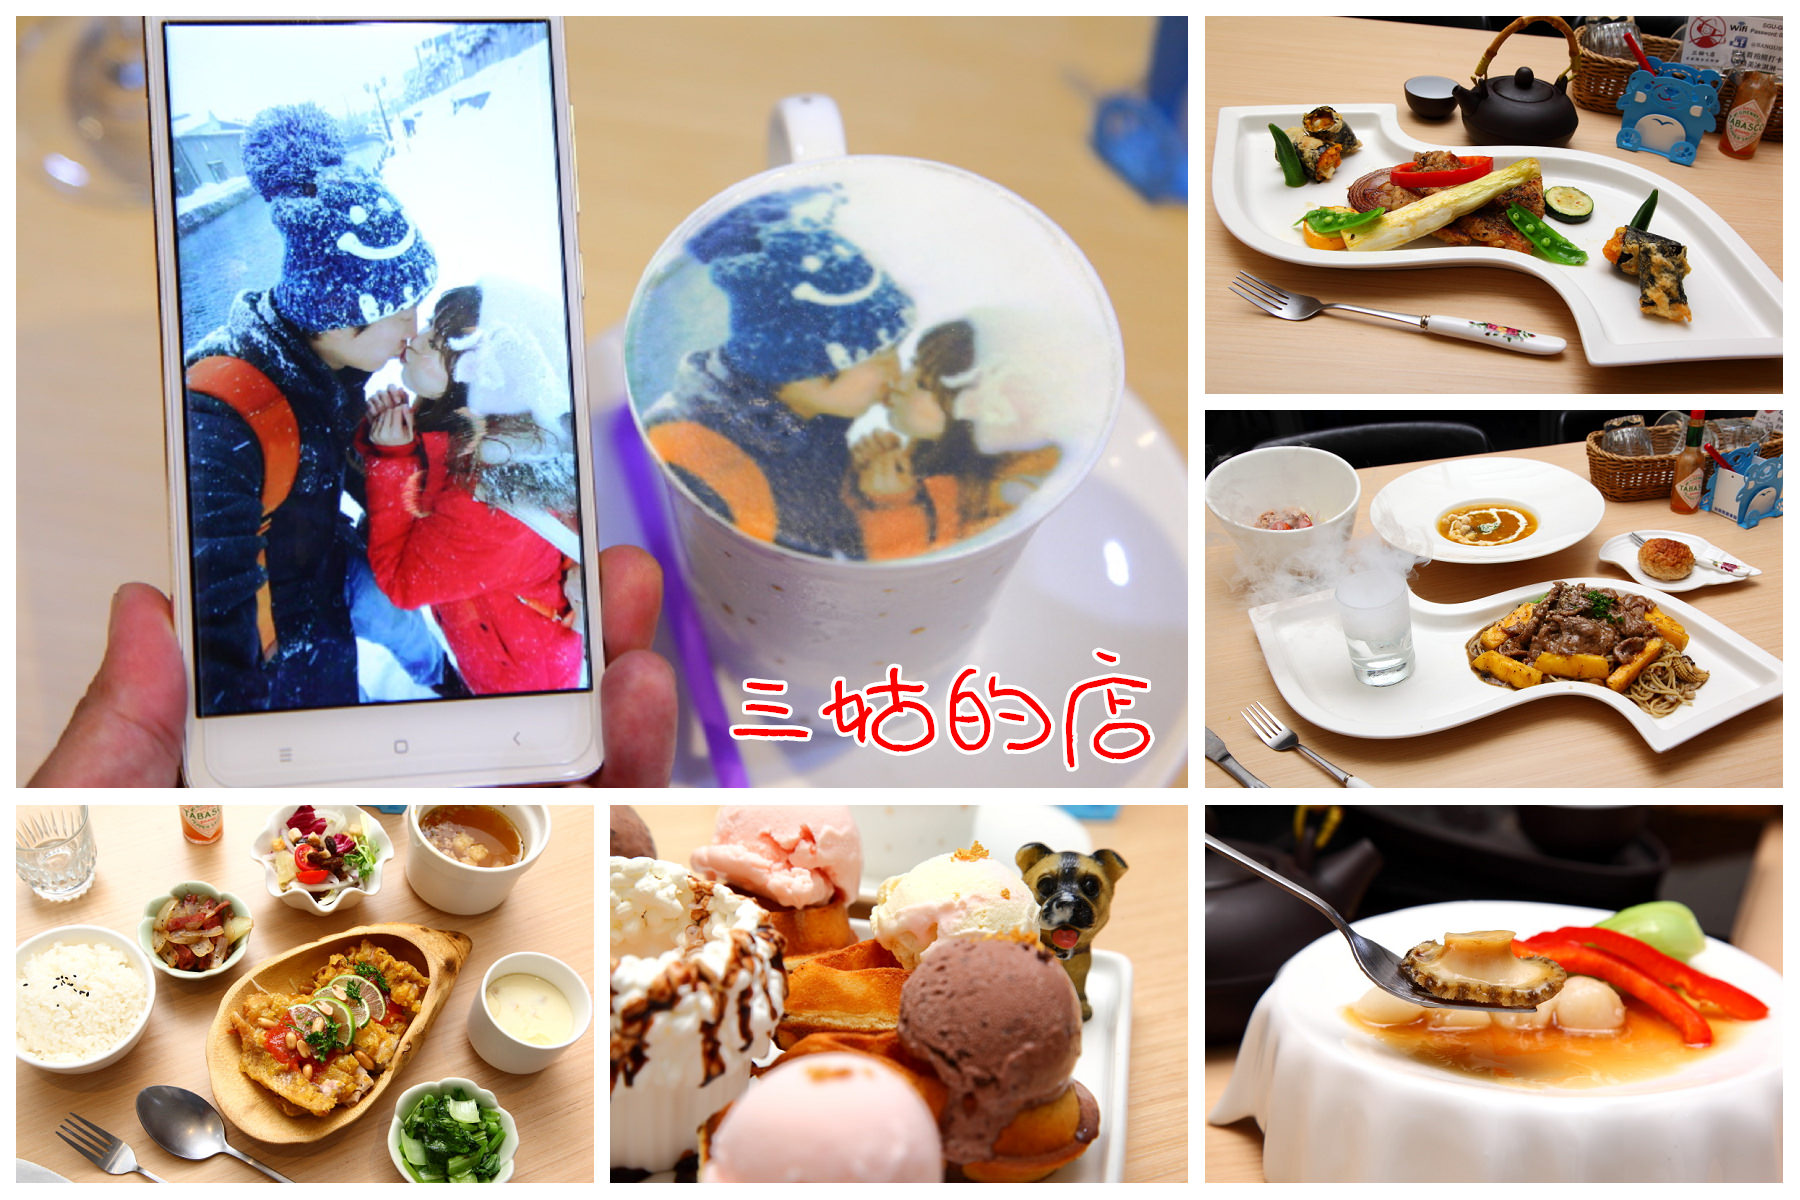 [桃園市]自拍藝術照片拉花,手創西式無菜單料理~三姑的店手創複合式料理